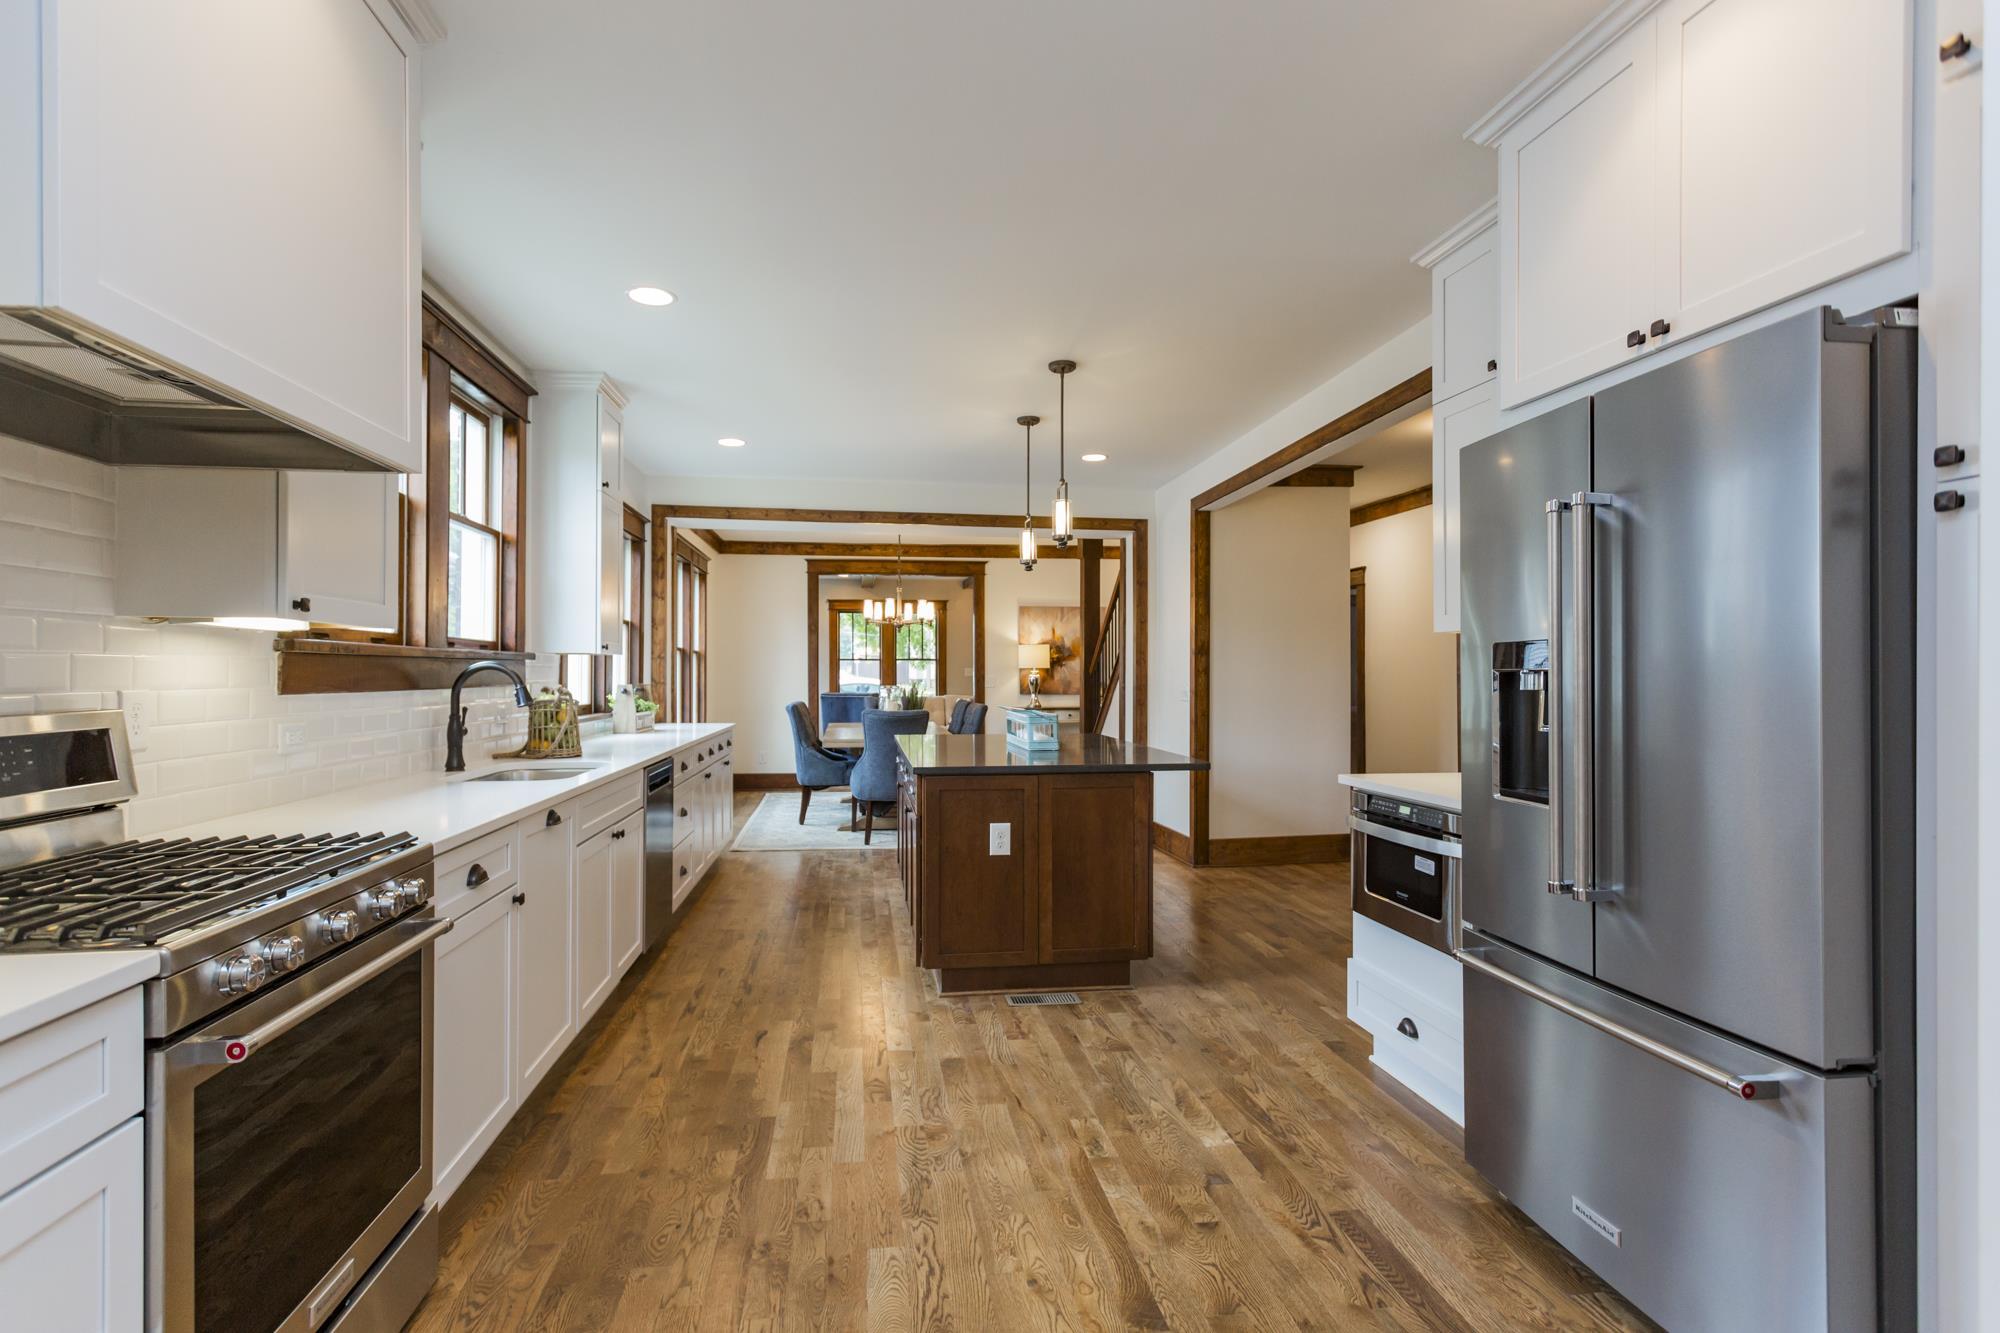 1004 Acklen Ave, Nashville, TN 37203 - Nashville, TN real estate listing